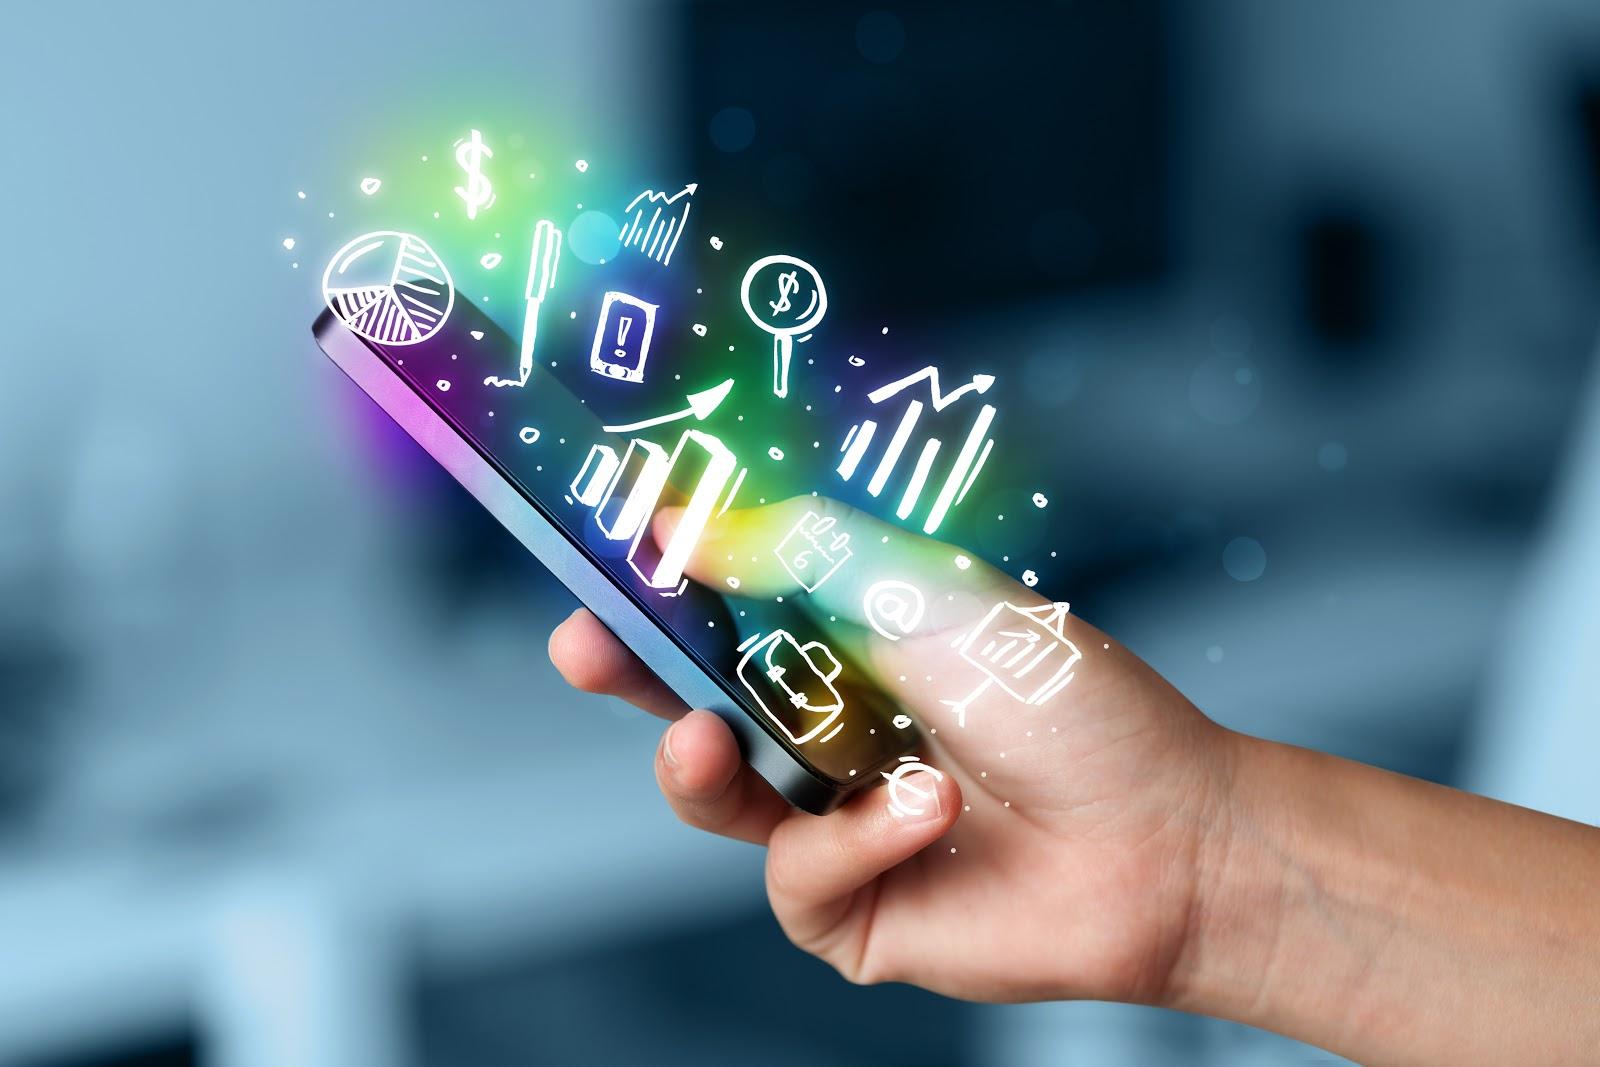 10 технологий, которые должны быть в современном смартфоне - 1